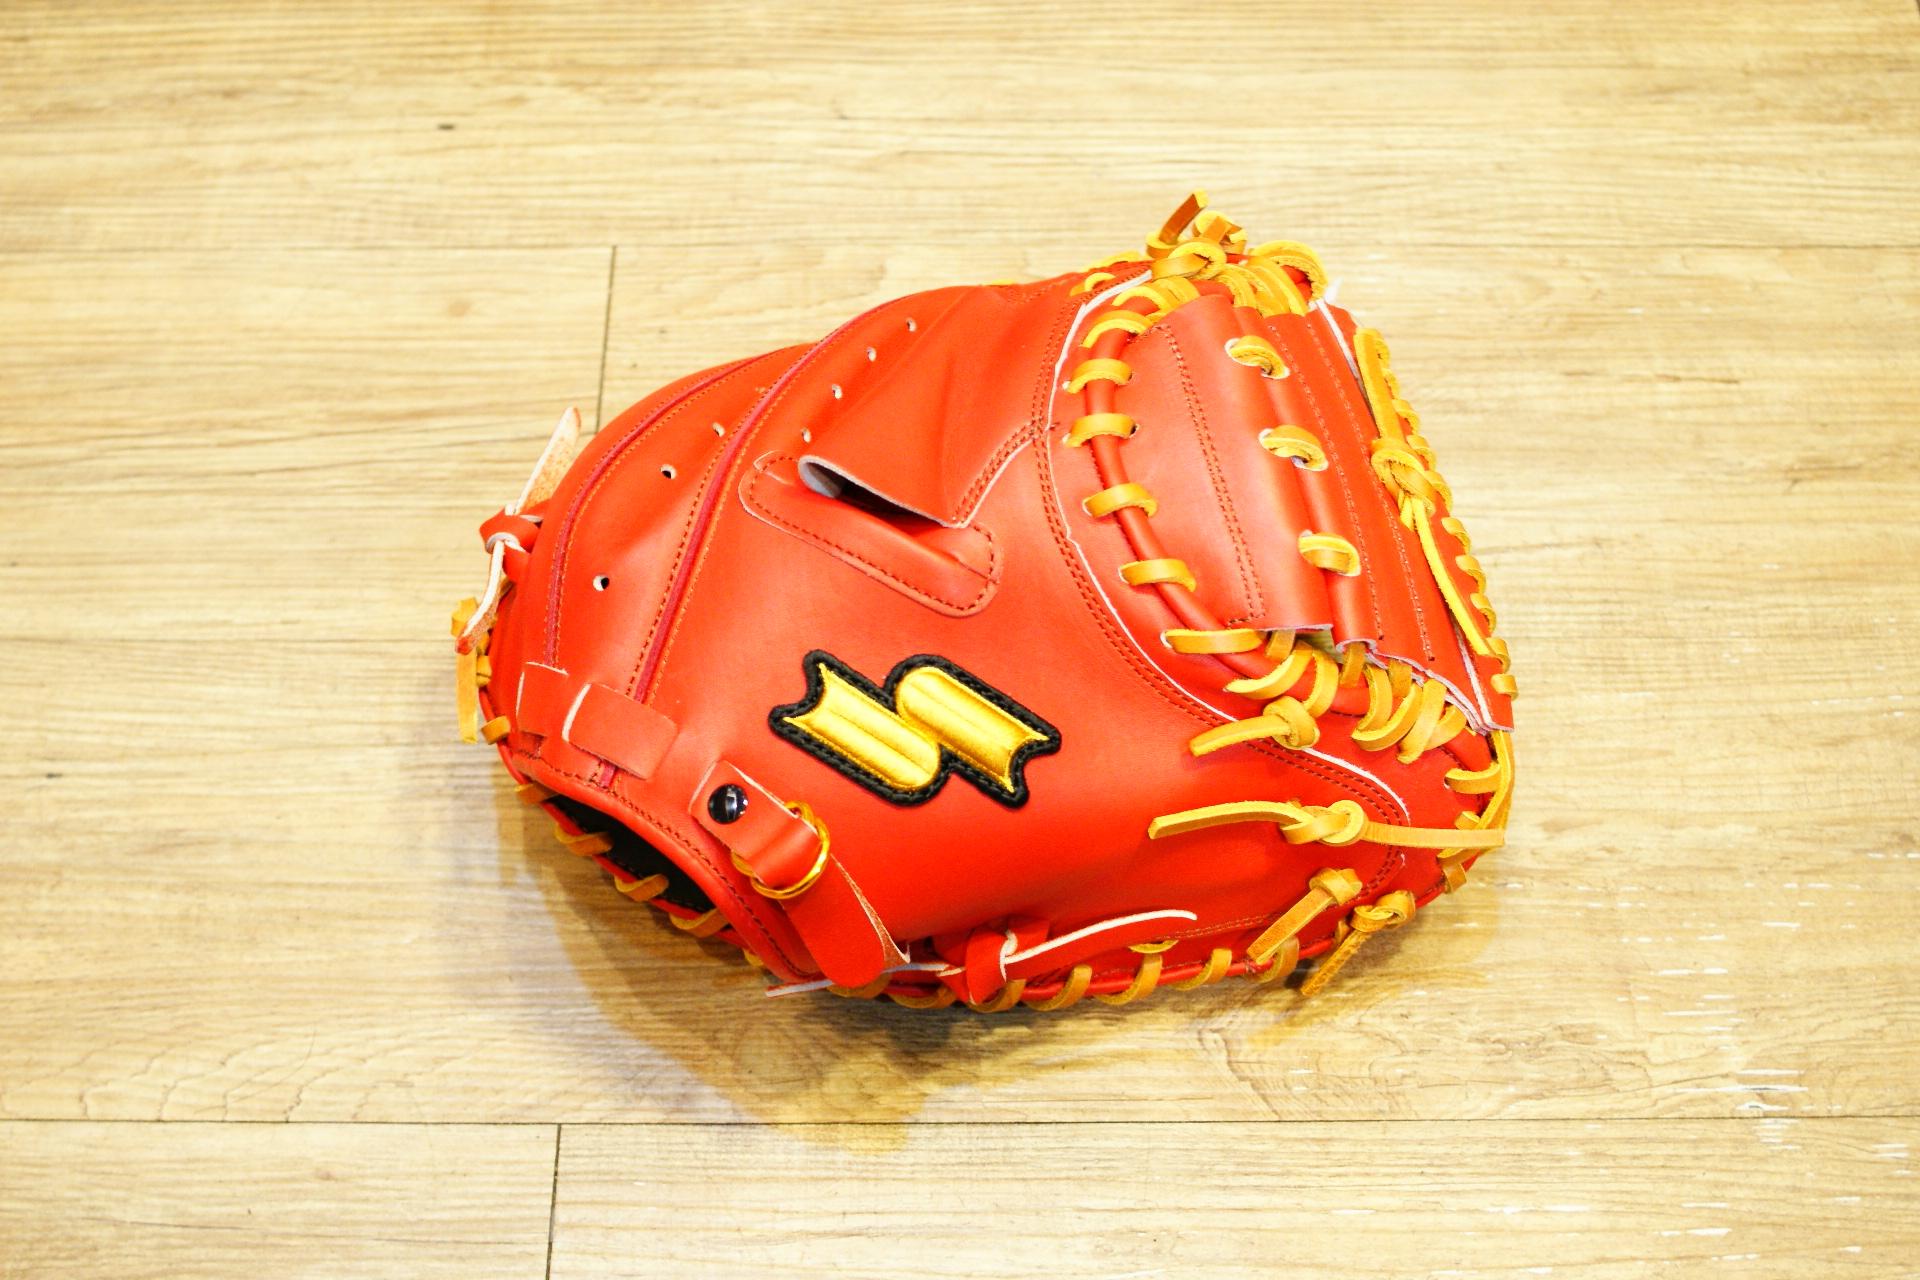 棒球世界 新款 SSK店訂版牛皮棒球捕手手套 特價 橘紅色